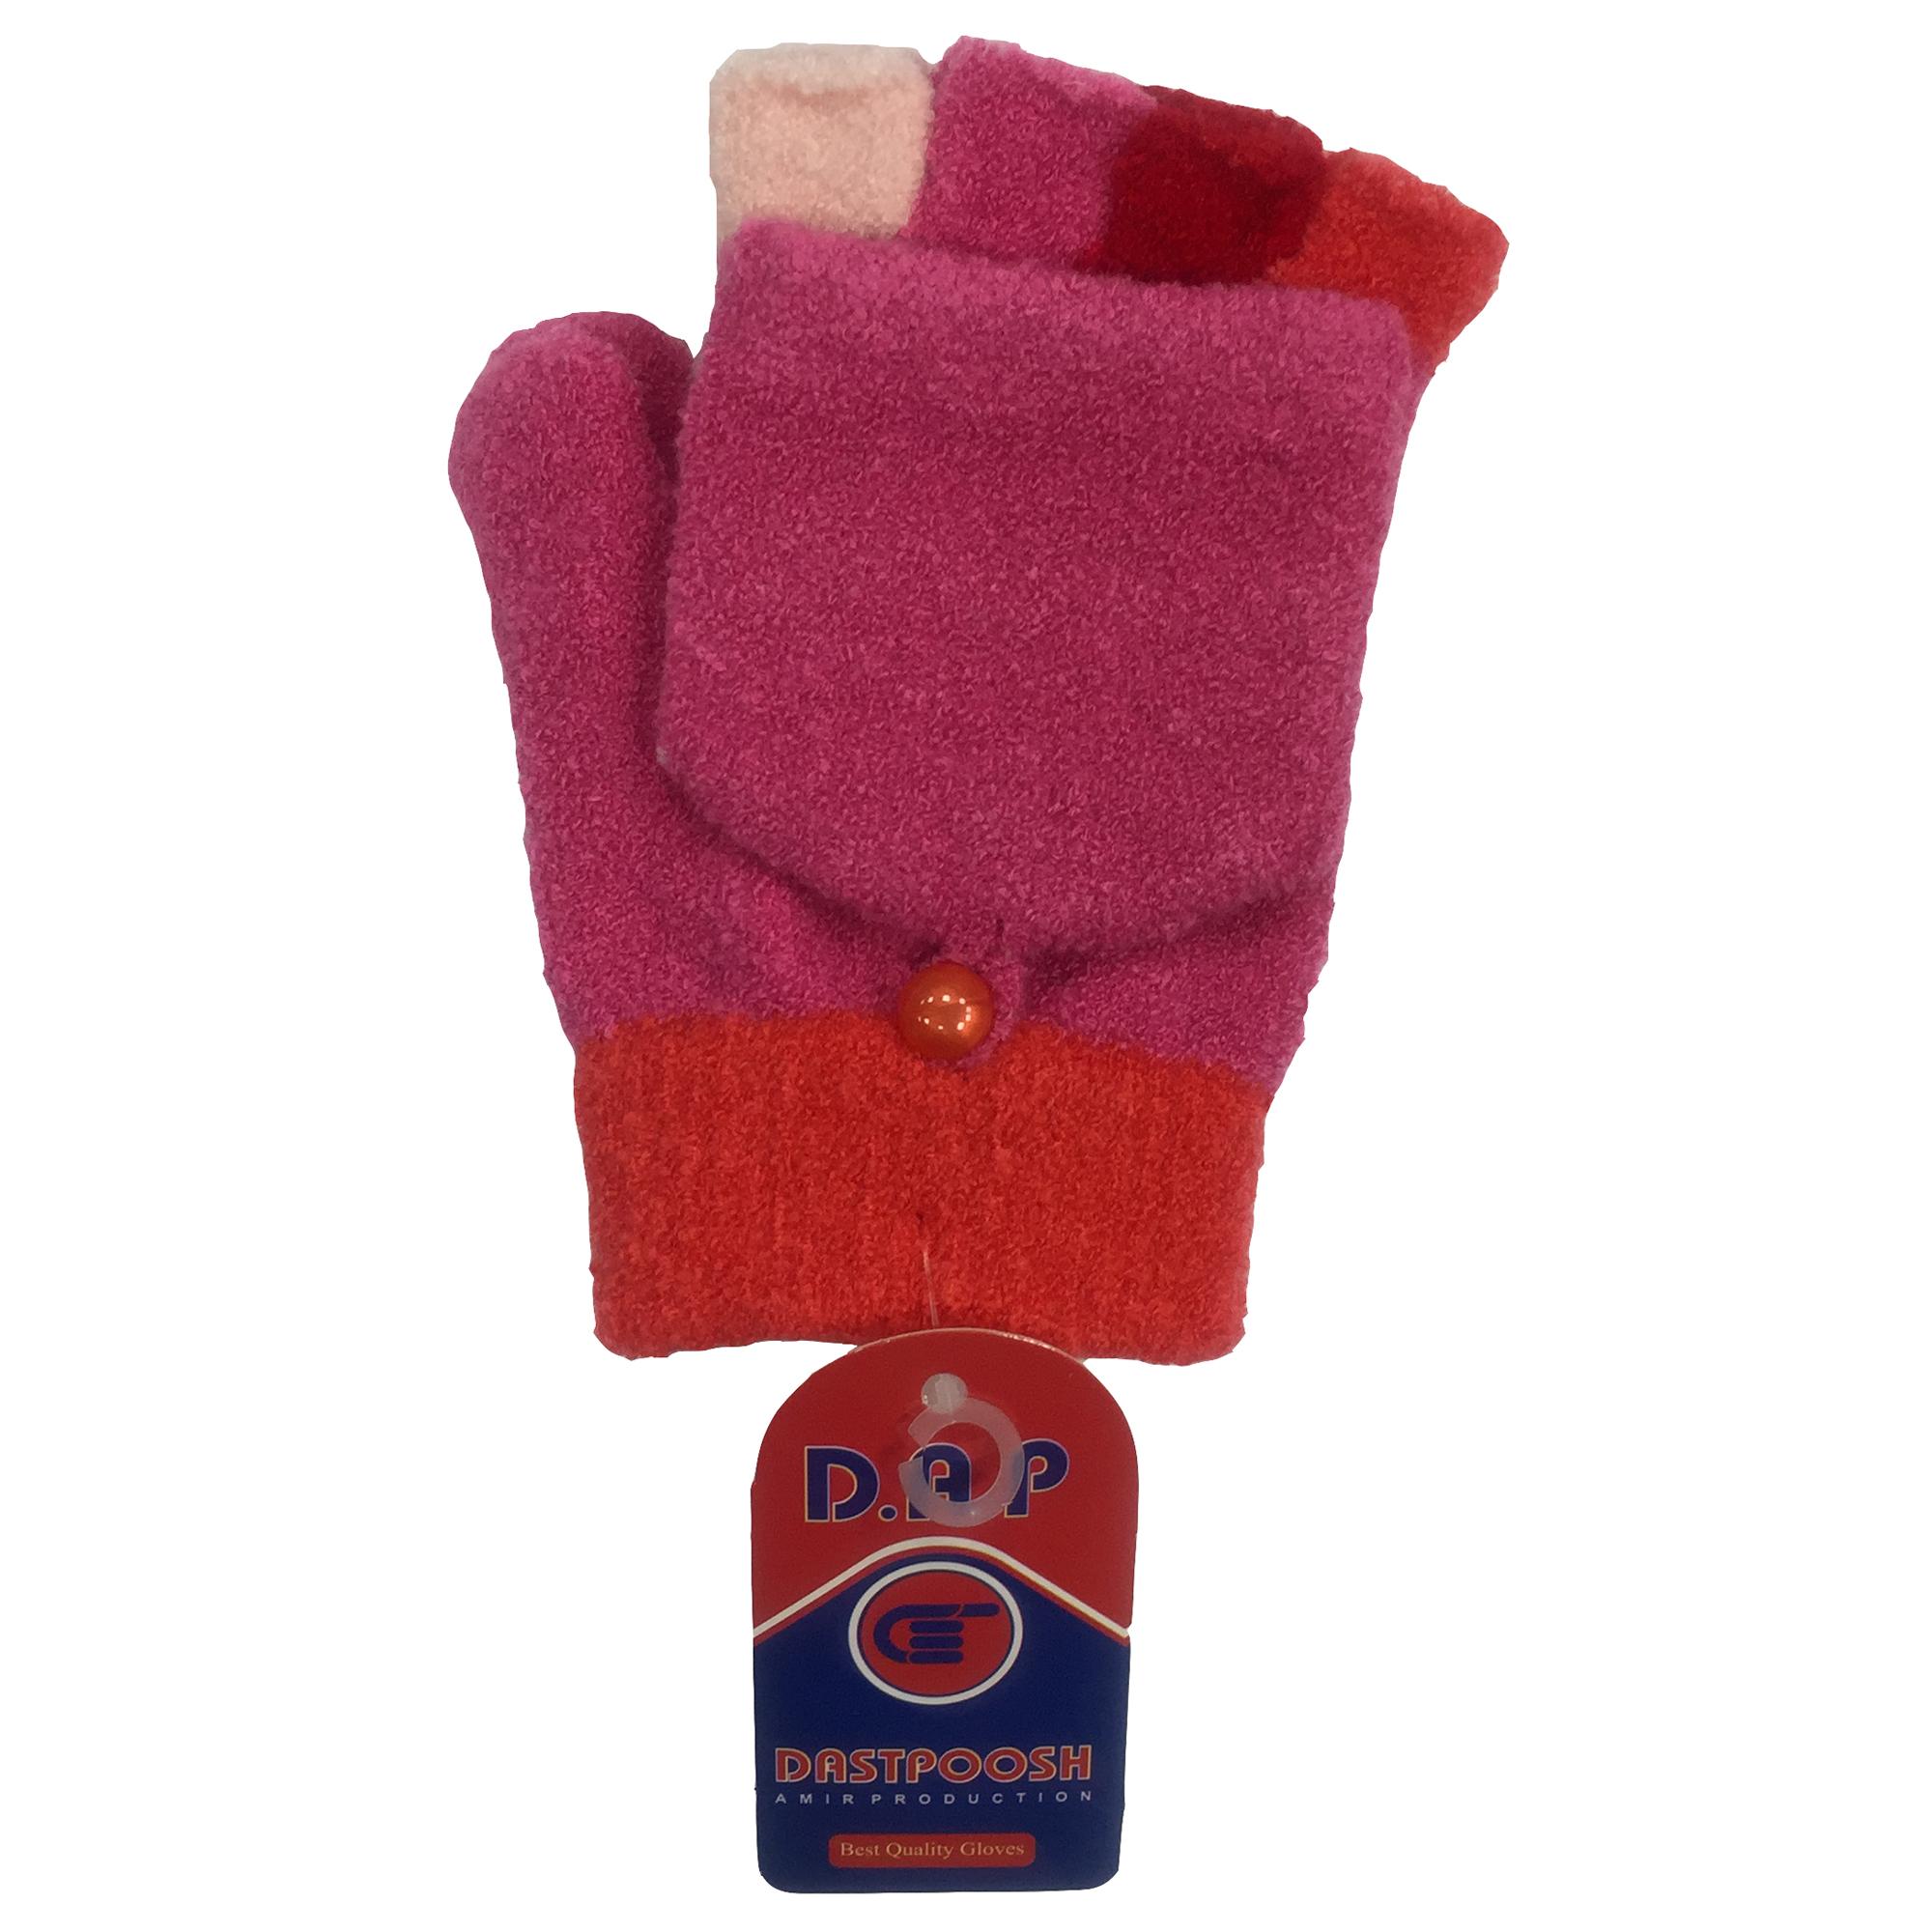 دستکش بافتنی زنانه دستپوش مدل DP250-1001